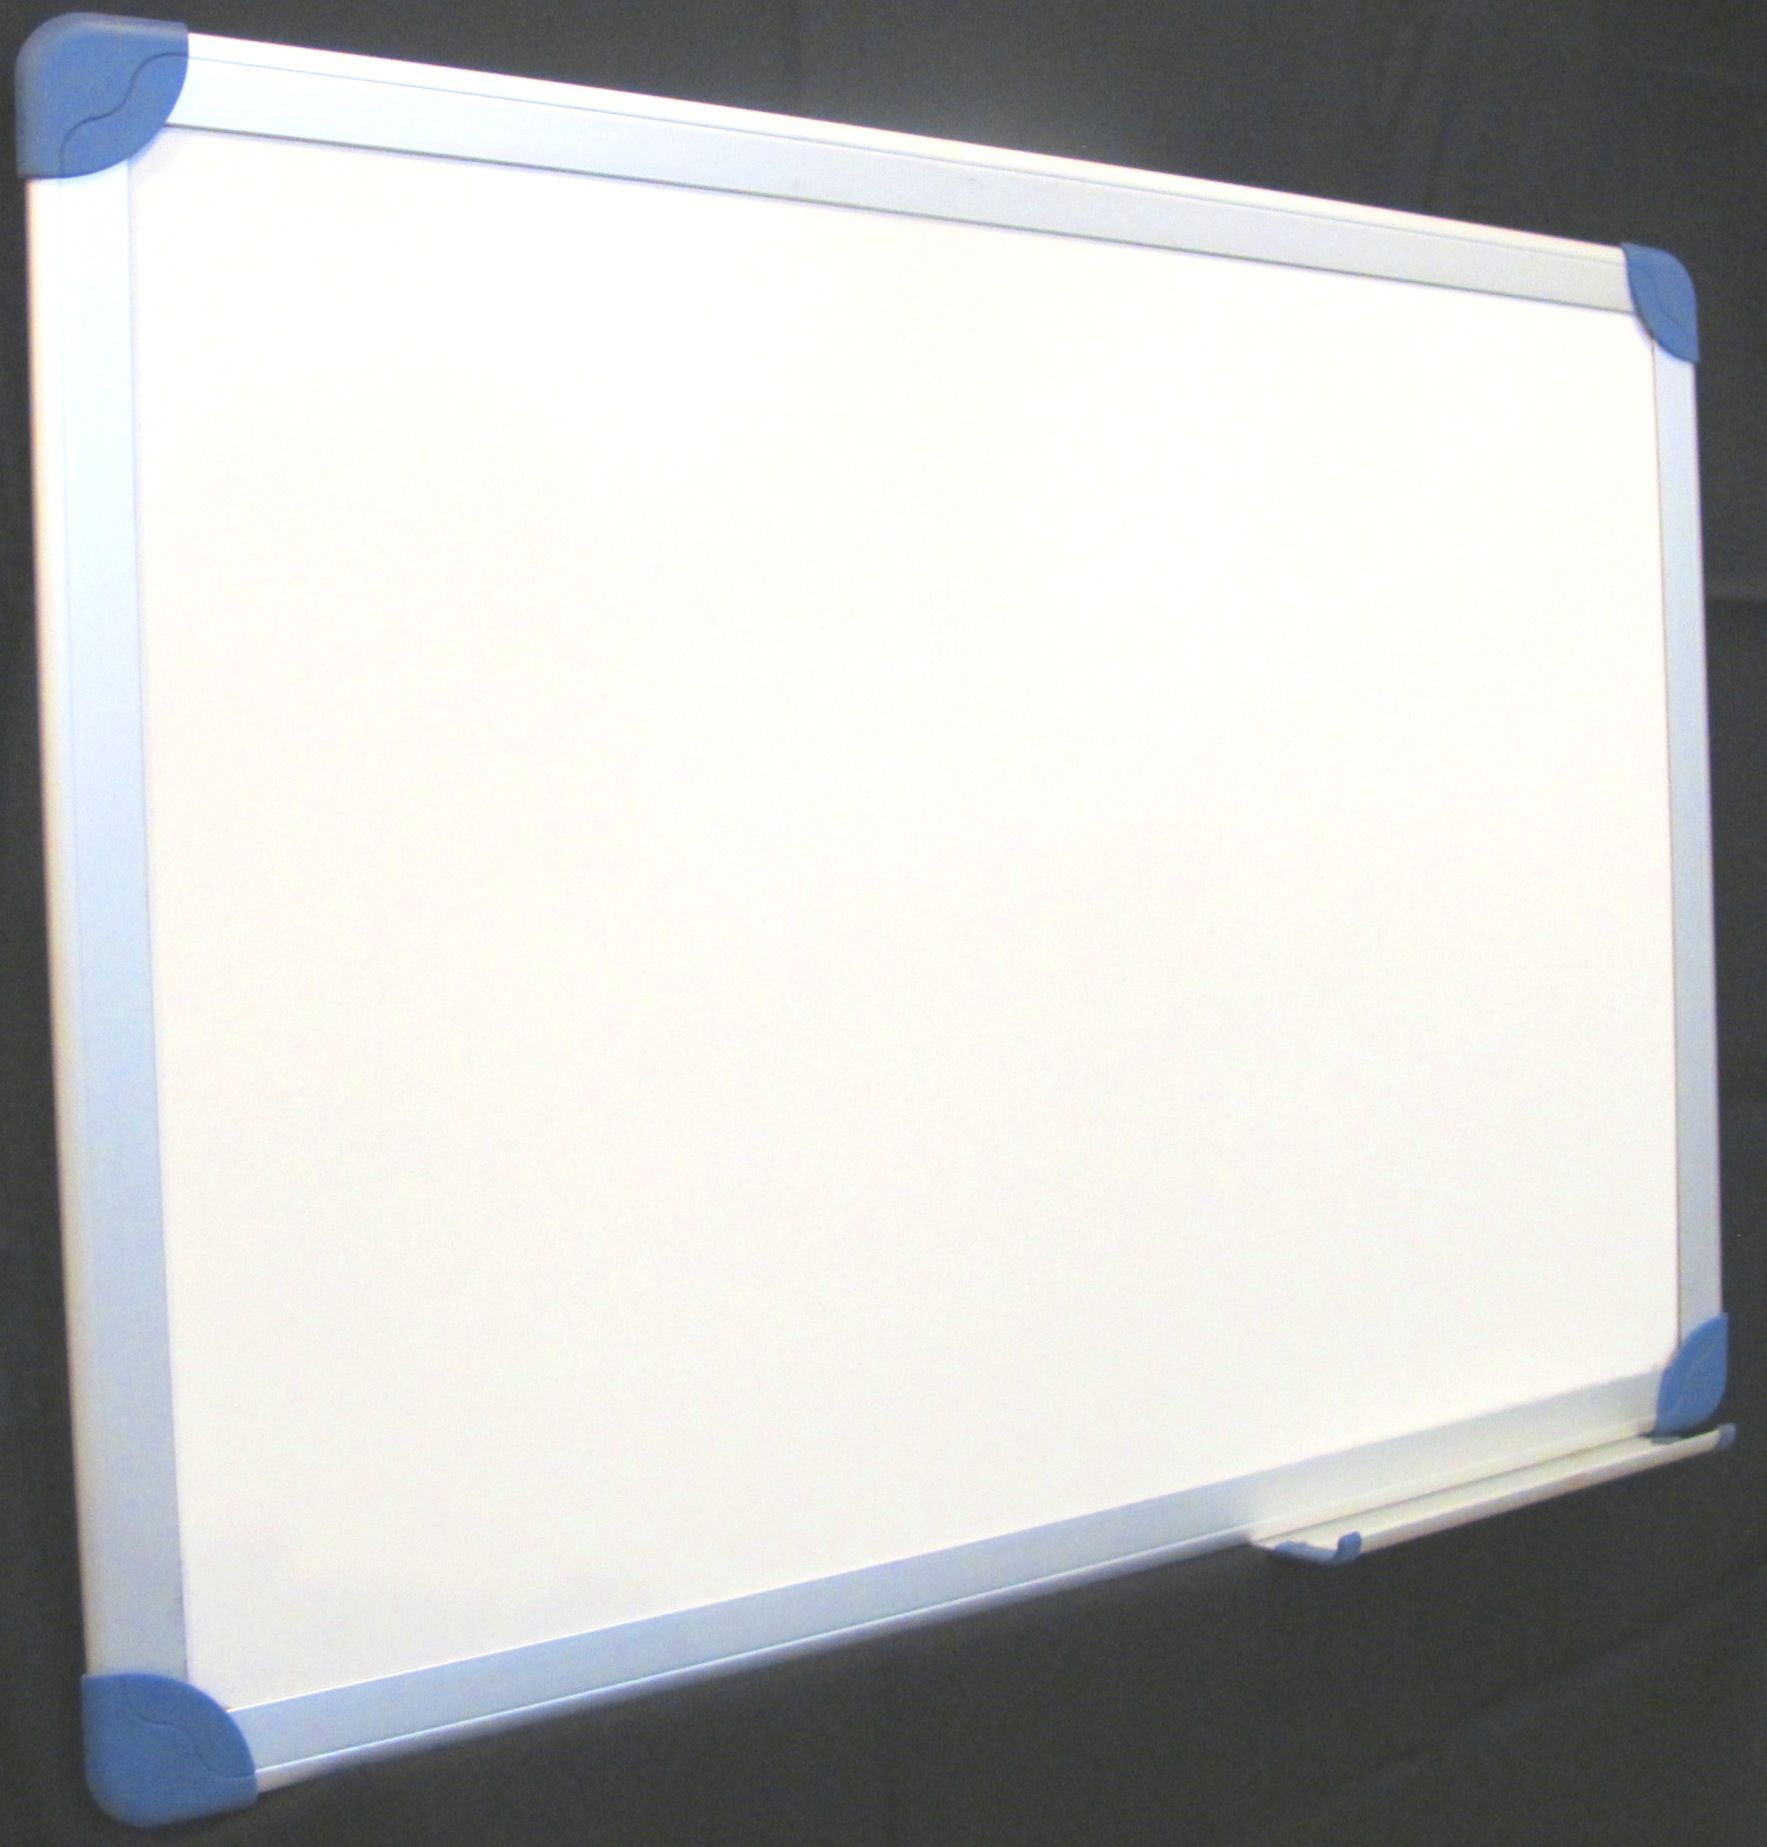 Pizarras blancas con elegante marco de aluminio satinado. Fabricadas ...